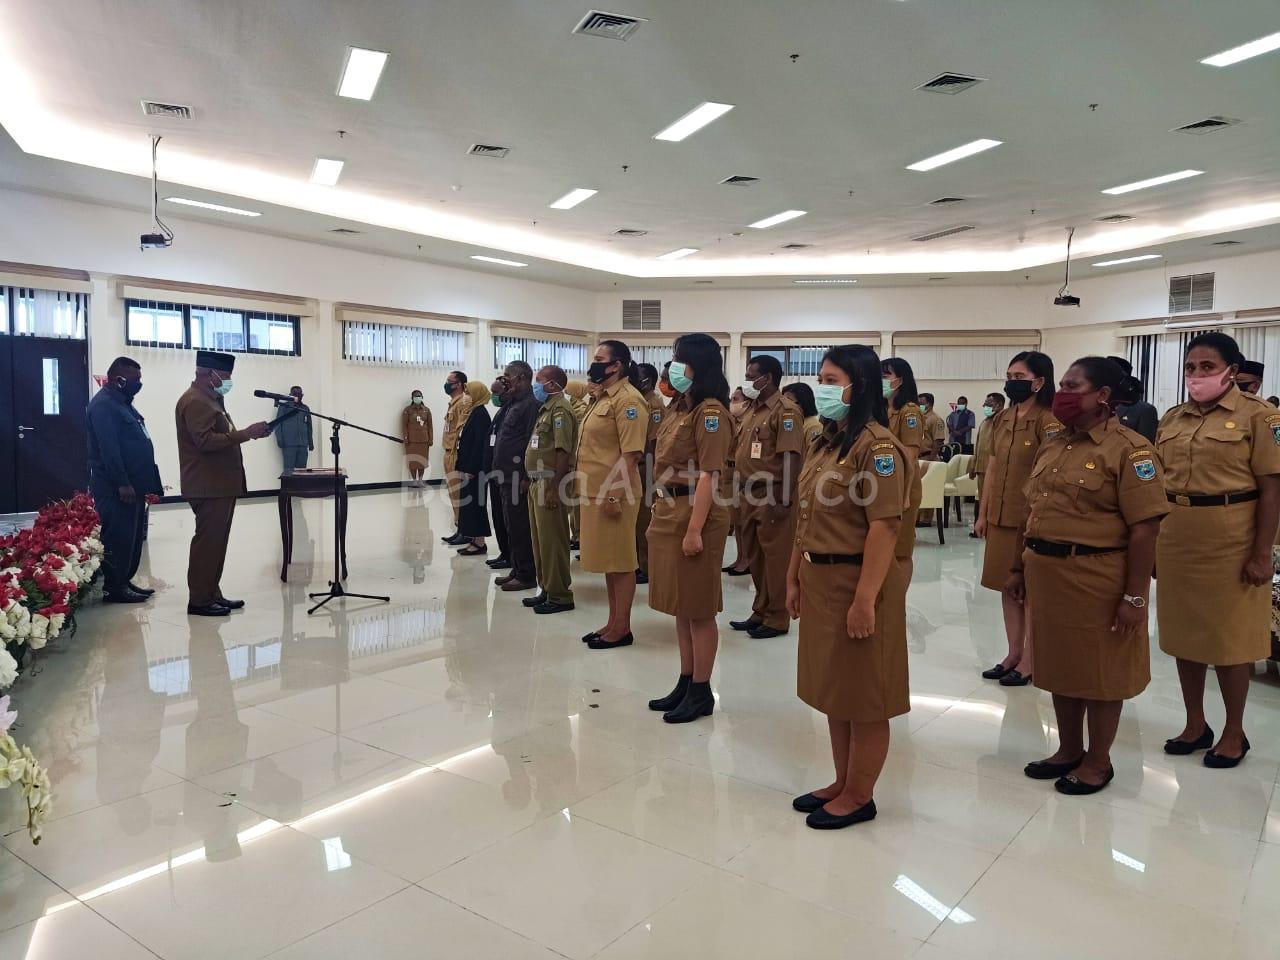 Pelantikan 45 Pejabat Dari 7 OPD Papua Barat Gunakan Masker 5 IMG 20200504 WA0020